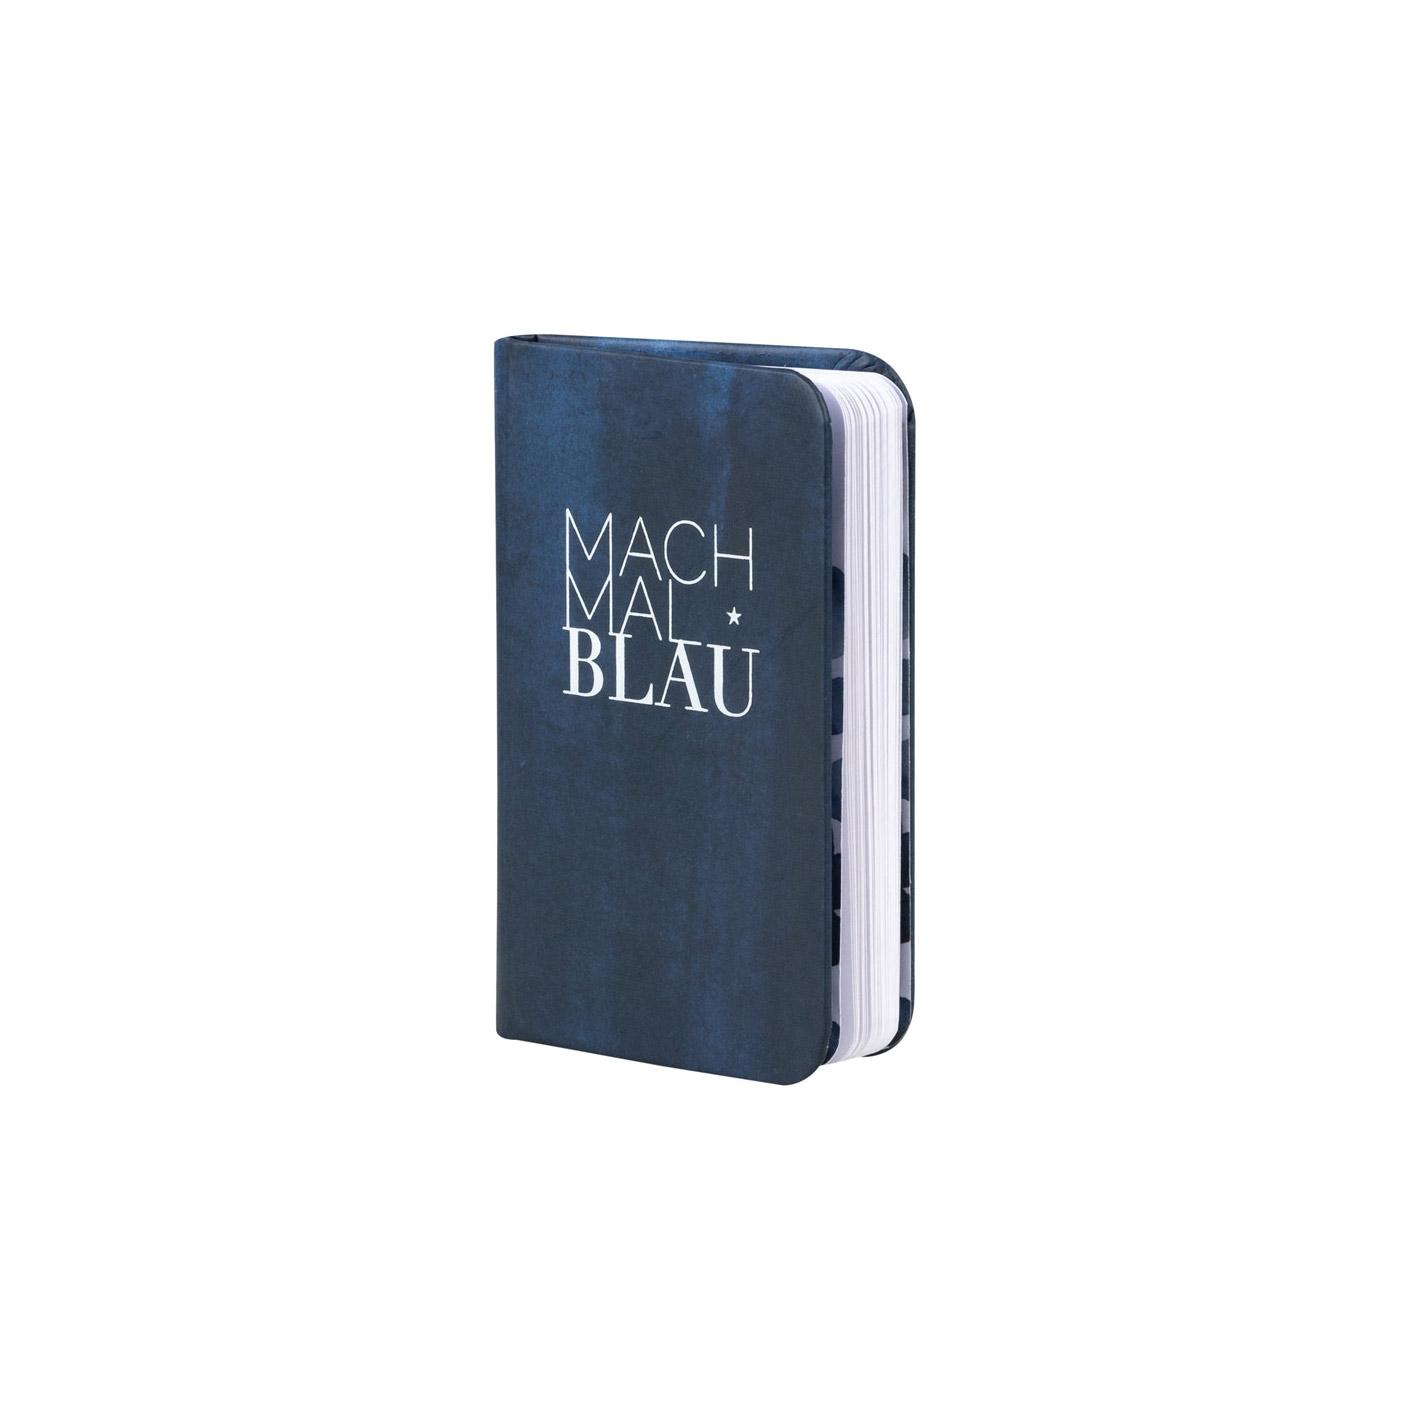 """Tintenblau. Notizbuch. """"Mach mal blau"""" - Papeterie von Räder"""